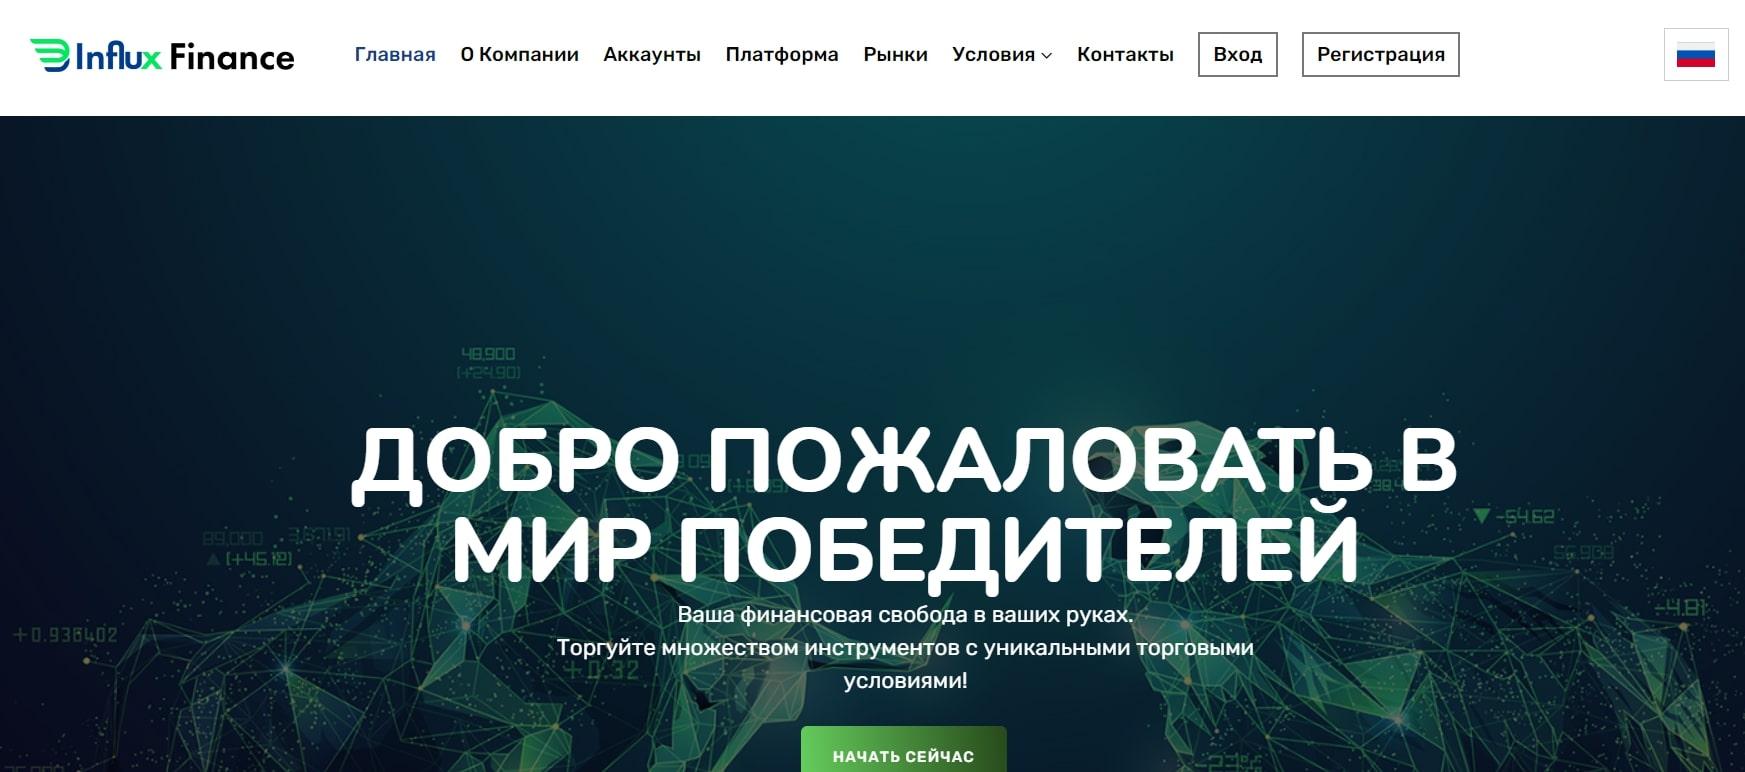 InfluxFinance: отзывы, коммерческое предложение и анализ сайта реальные отзывы